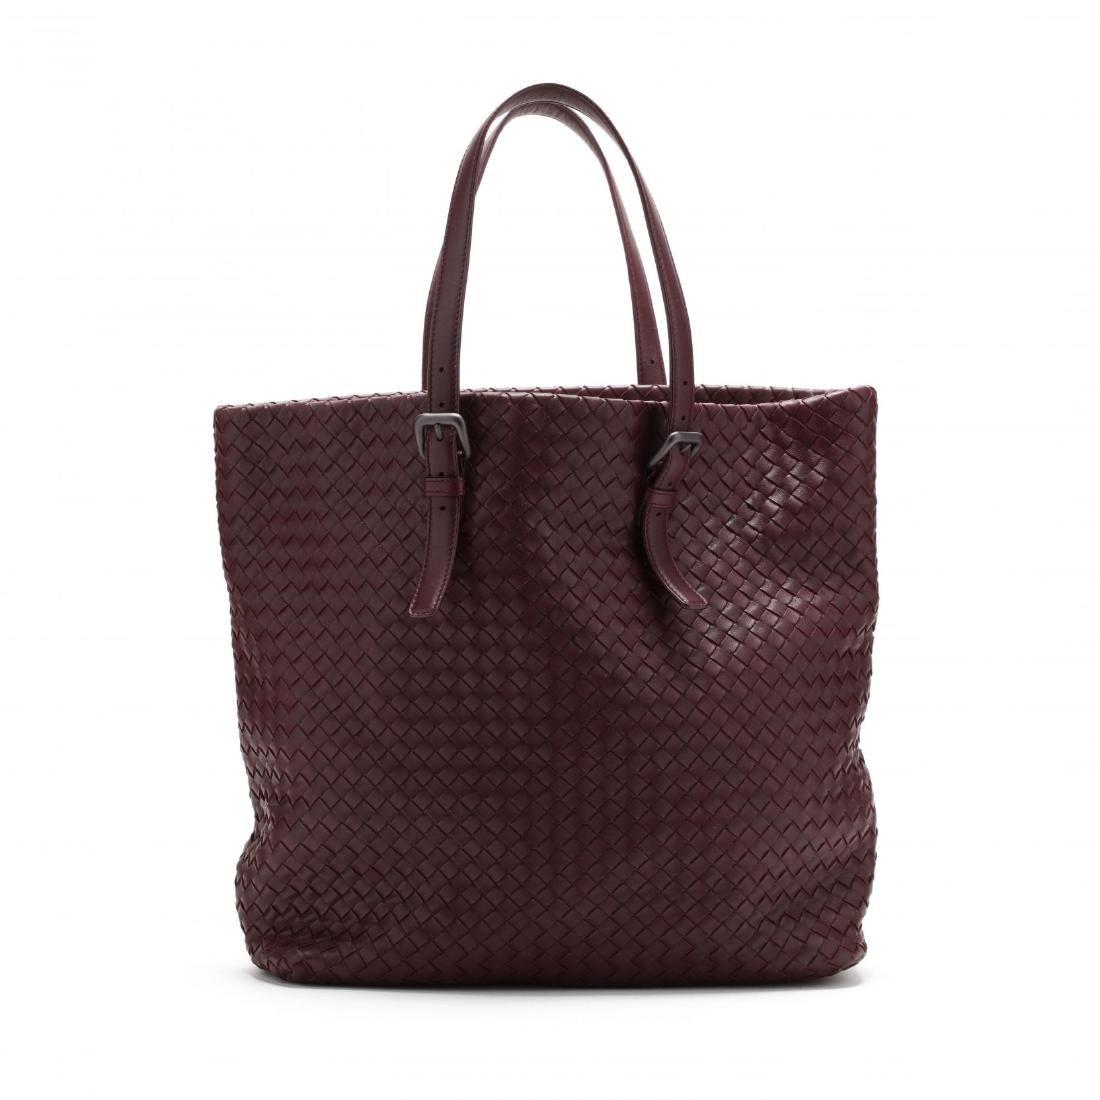 Intrecciato Woven Leather,  Rene Tote Style , Bottega